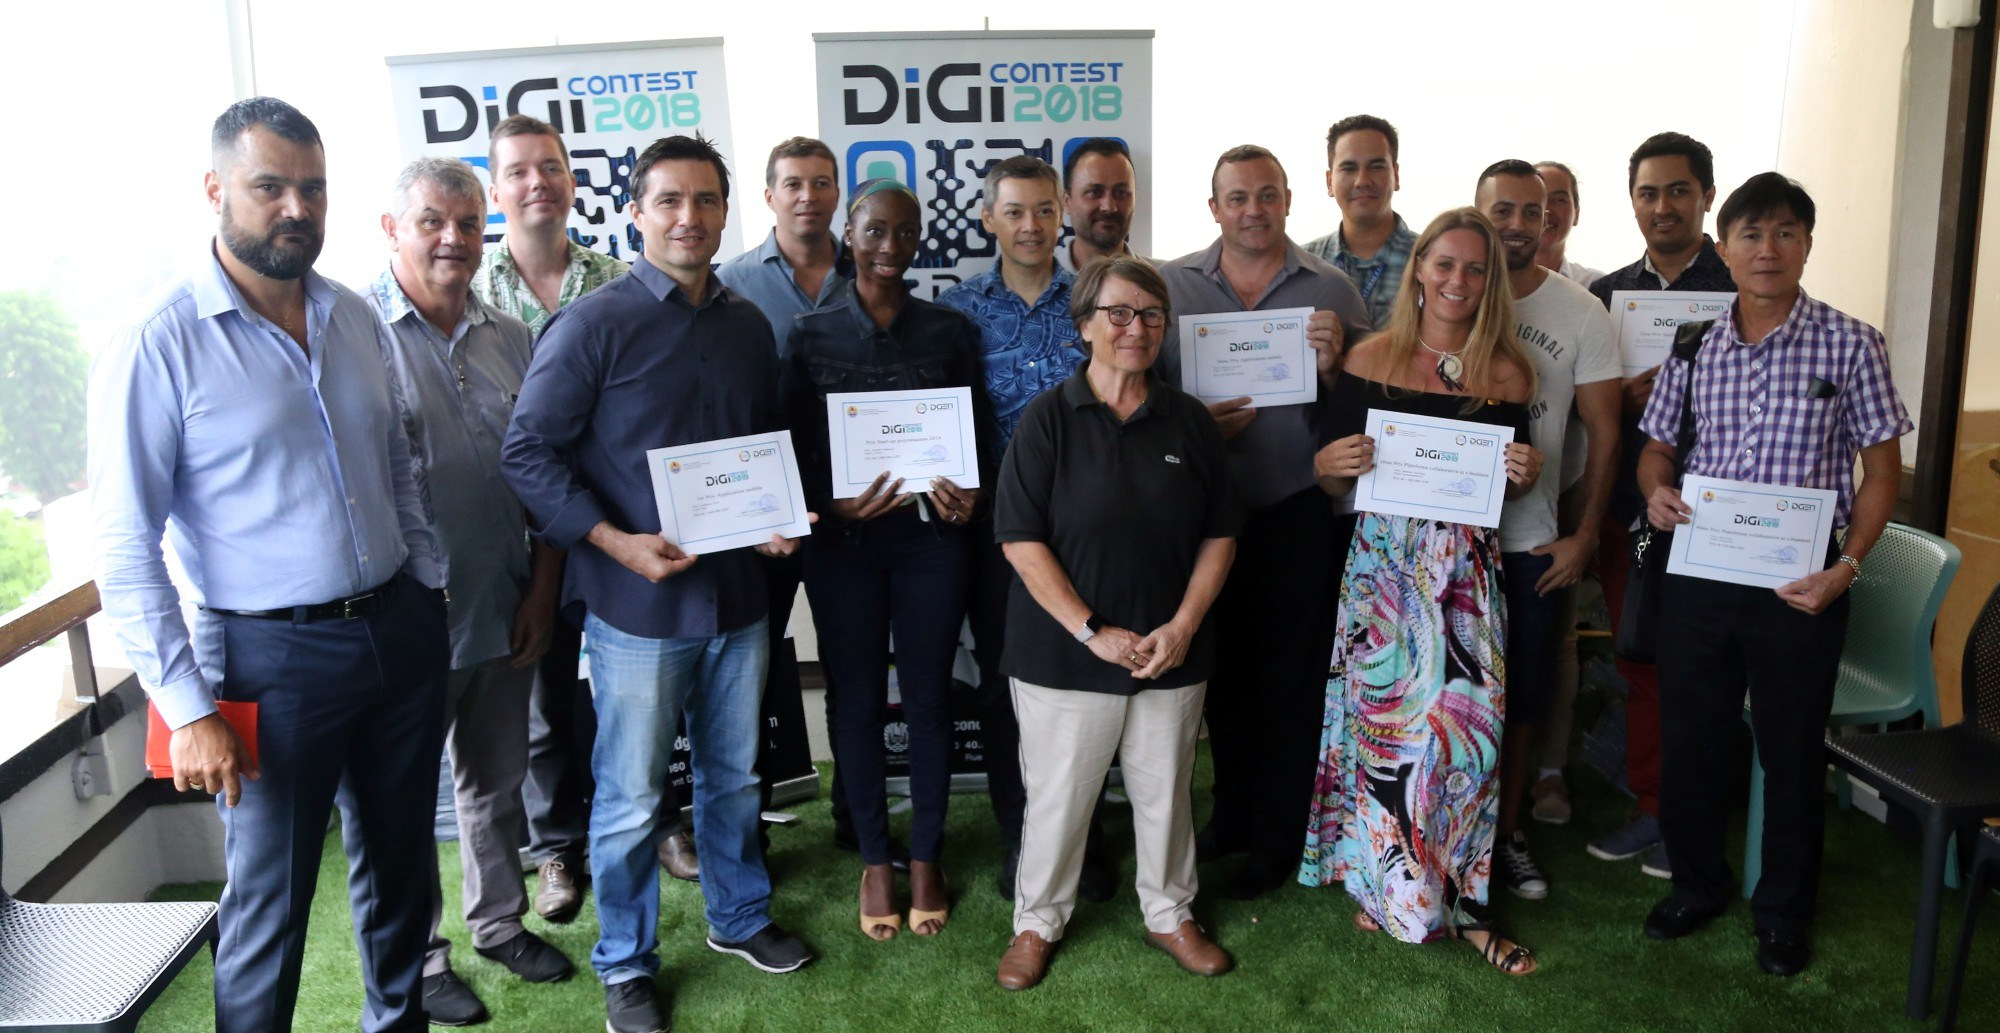 Les gagnants du DigiContest 2018, dont Jennifer Tchakouté qui avait obtenu le Prix de la start-up 2018 pour son site C Reva. Cette récompense et la légitimité qu'elle lui a apportée l'ont aidée à développer son entreprise. Le prix a été reconduit cette année. (crédit photo : DGEN).